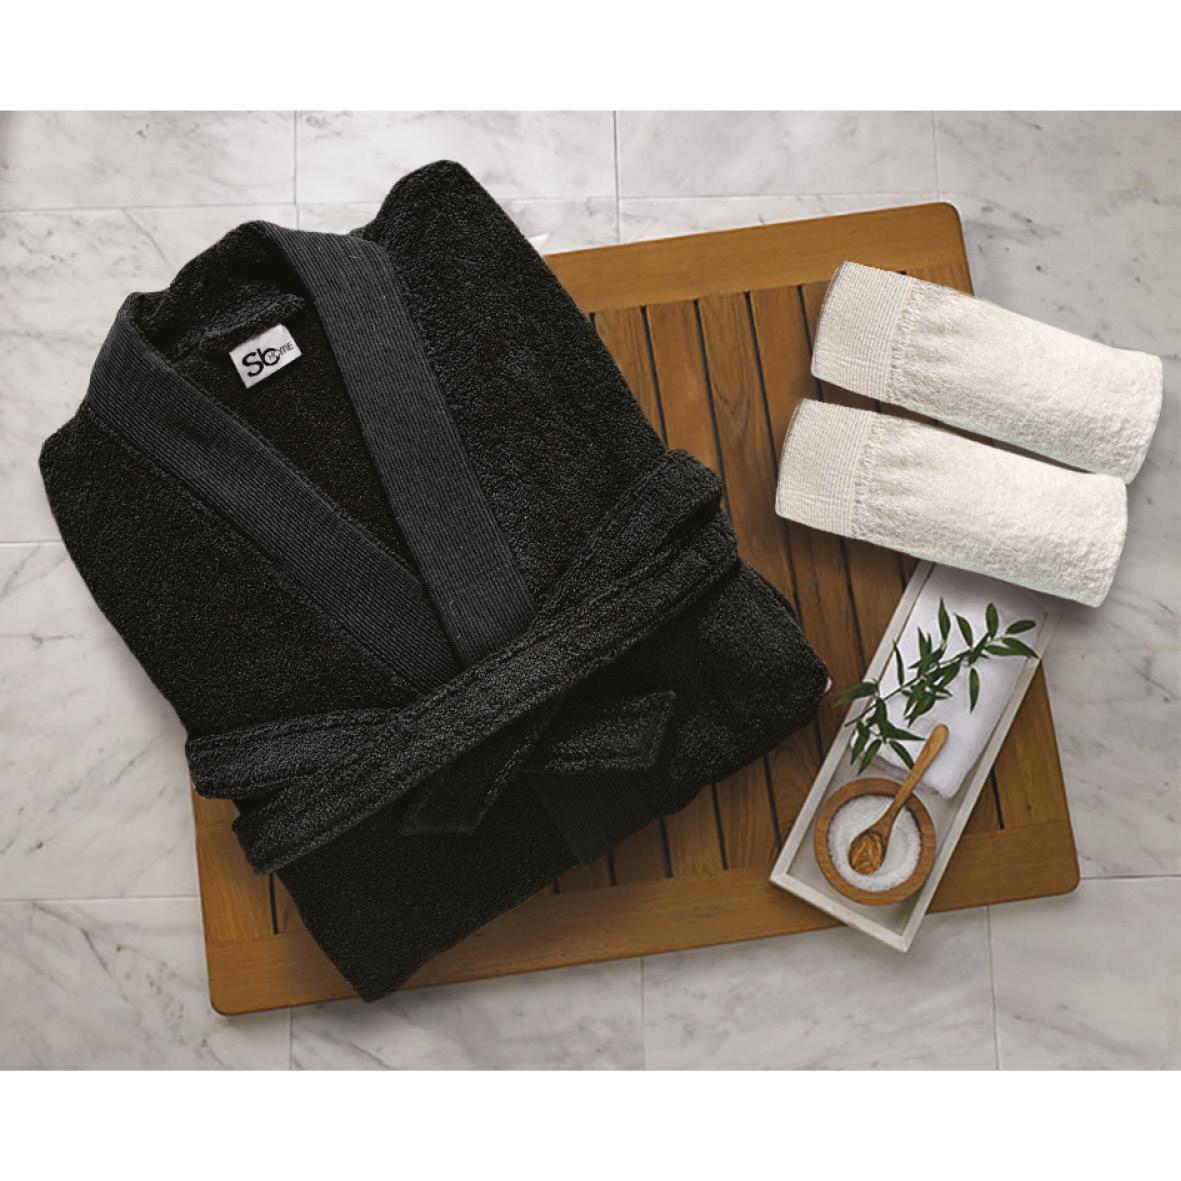 Μπουρνούζι Με Γιακά Βαμβακερό Extra Large Elegante Black Sb home (Ύφασμα: Βαμβάκι 100%) – Sb home – 5206864061064